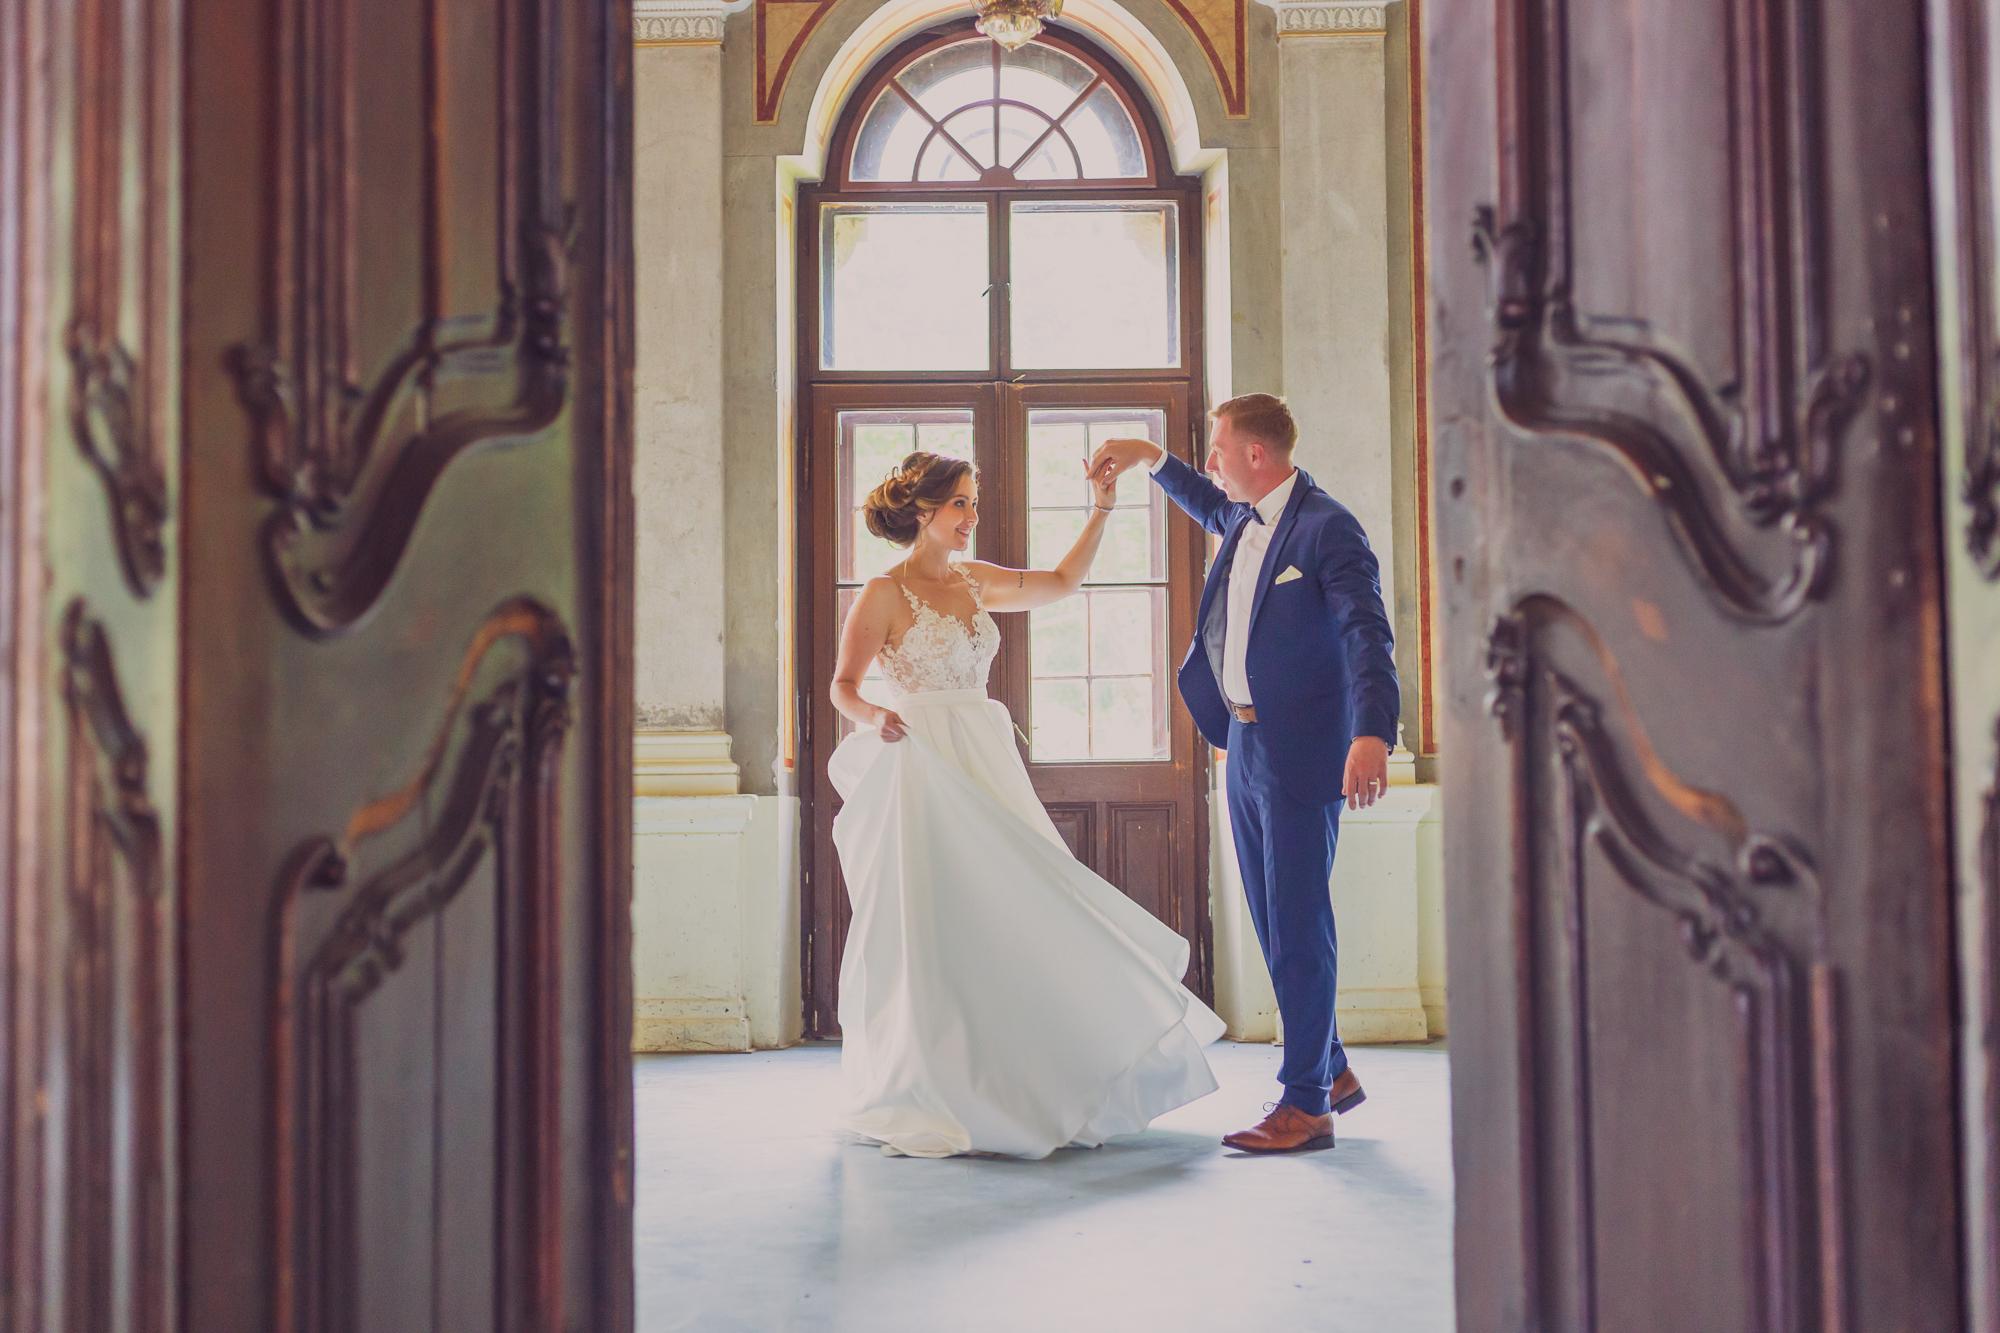 cadru larg cu cuplu care danseaza, fotografie de nunta, rochie de mireasa, costum de mire albastru, interior castel, castel teleki gornesti,